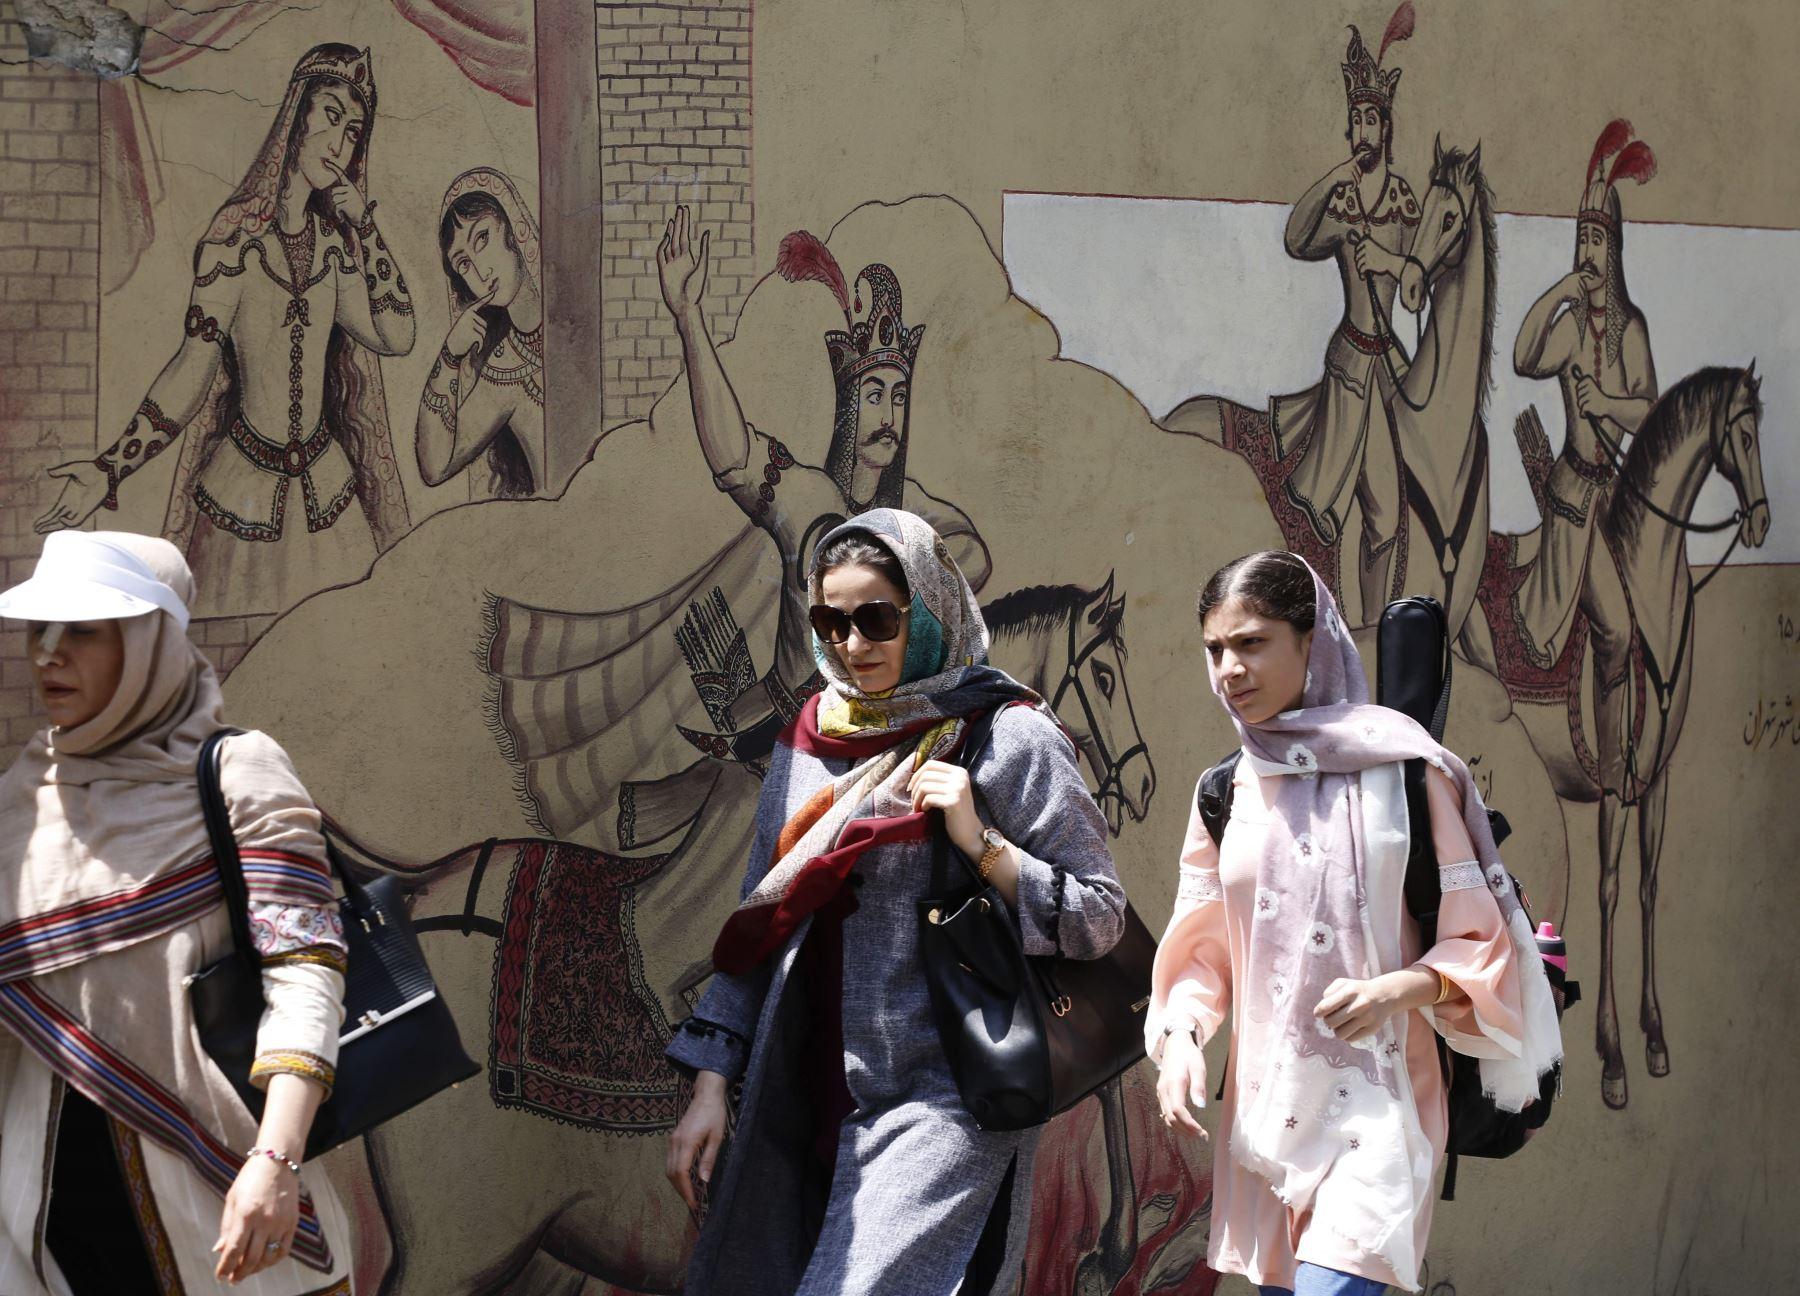 Sismo de magnitud 5.5 en Irán fue localizado a 13 kilómetros de profundidad, en el Golfo. Foto: AFP/Archivo